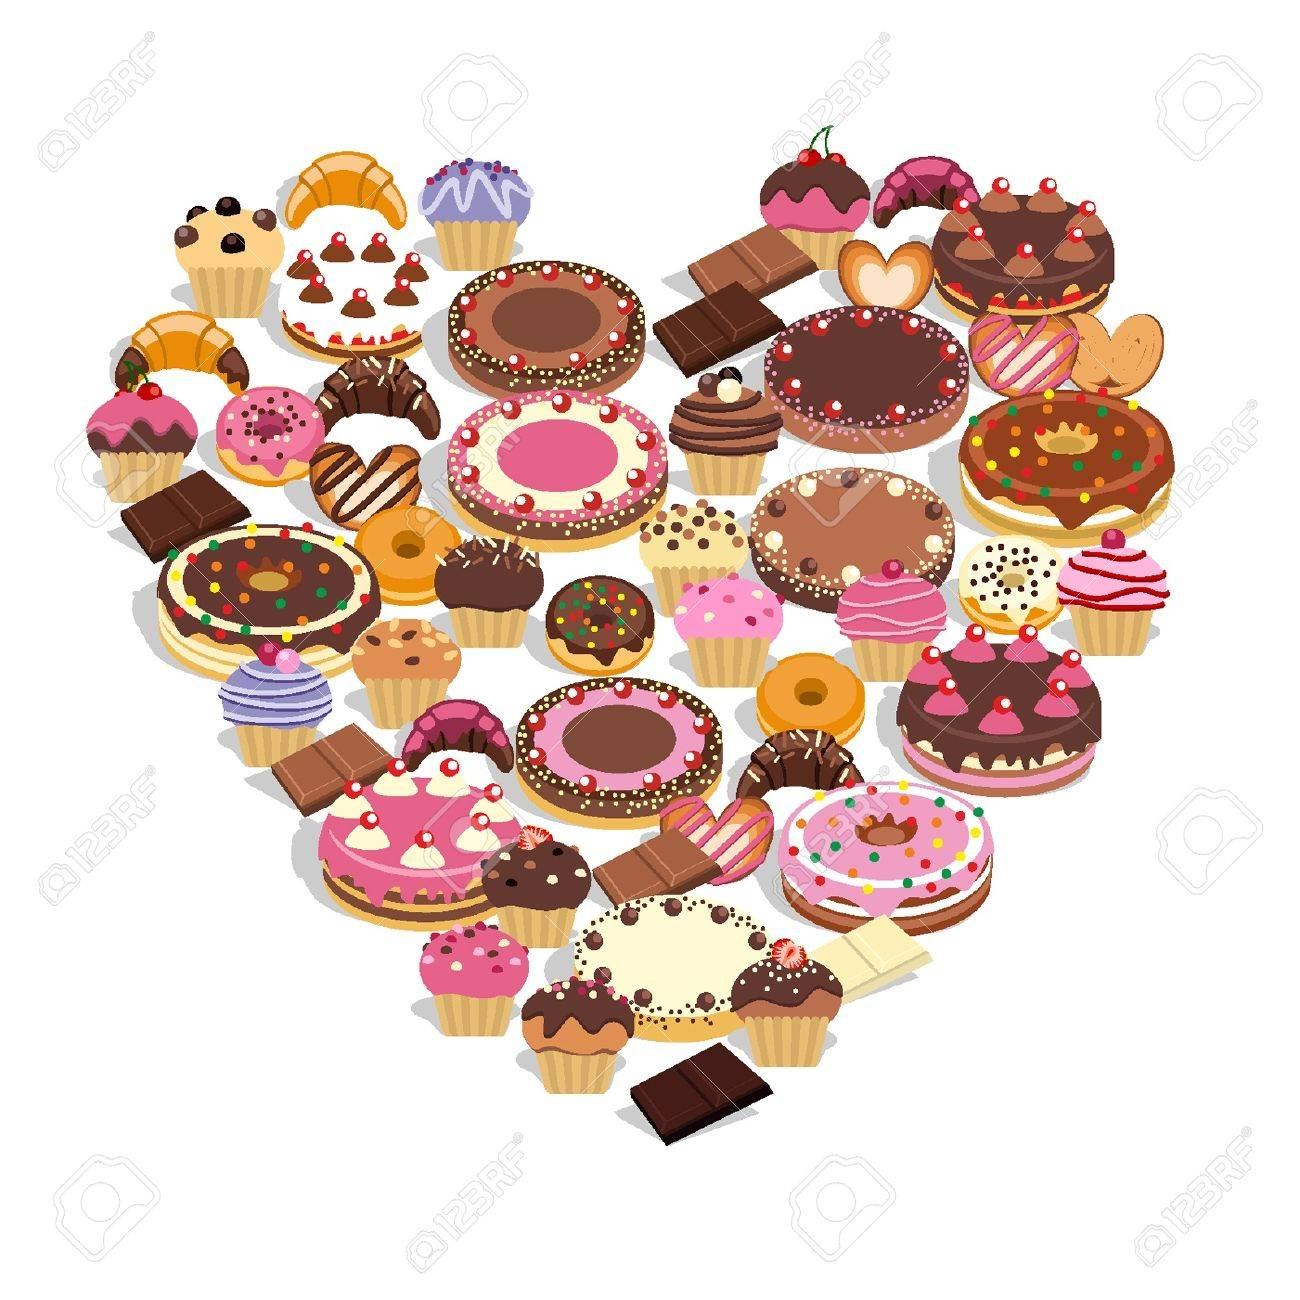 Dulces forman un corazón Foto de archivo - 18134318